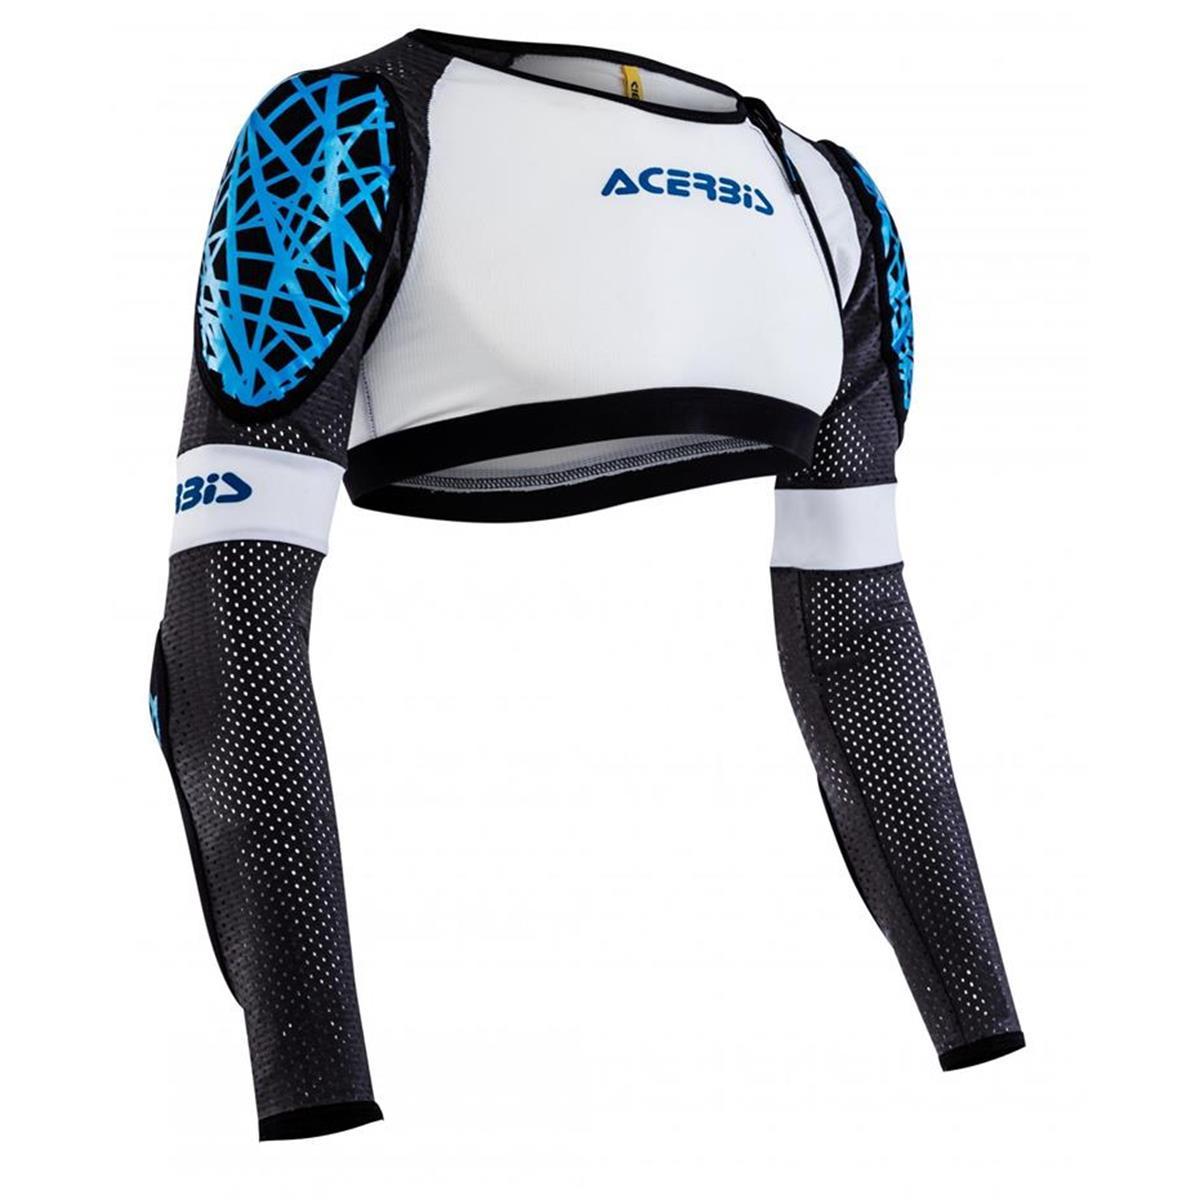 Acerbis Protektionshemd Galaxy Weiß/Blau